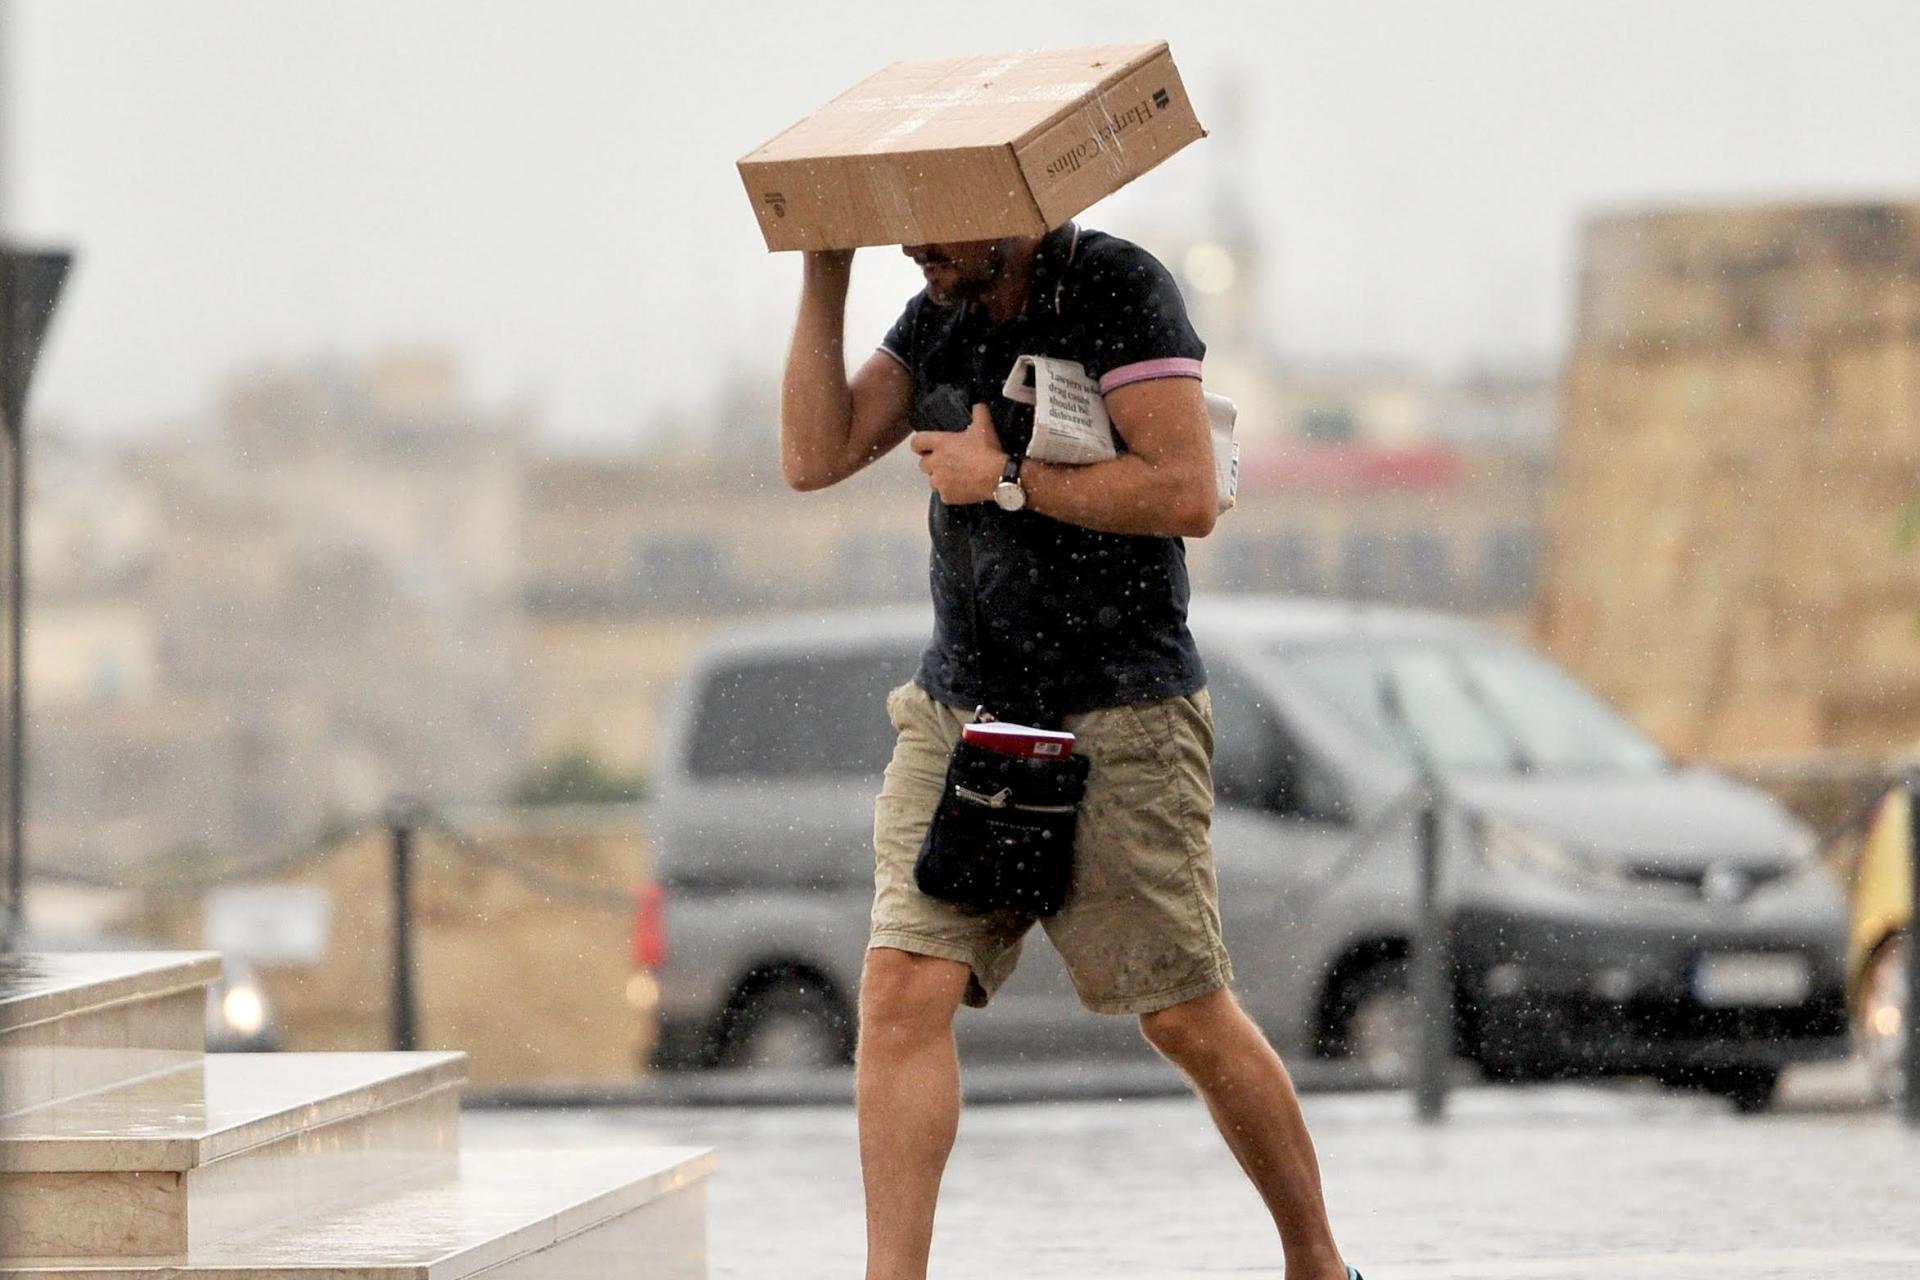 Malta'da Eylül ayının ilk yağmuru